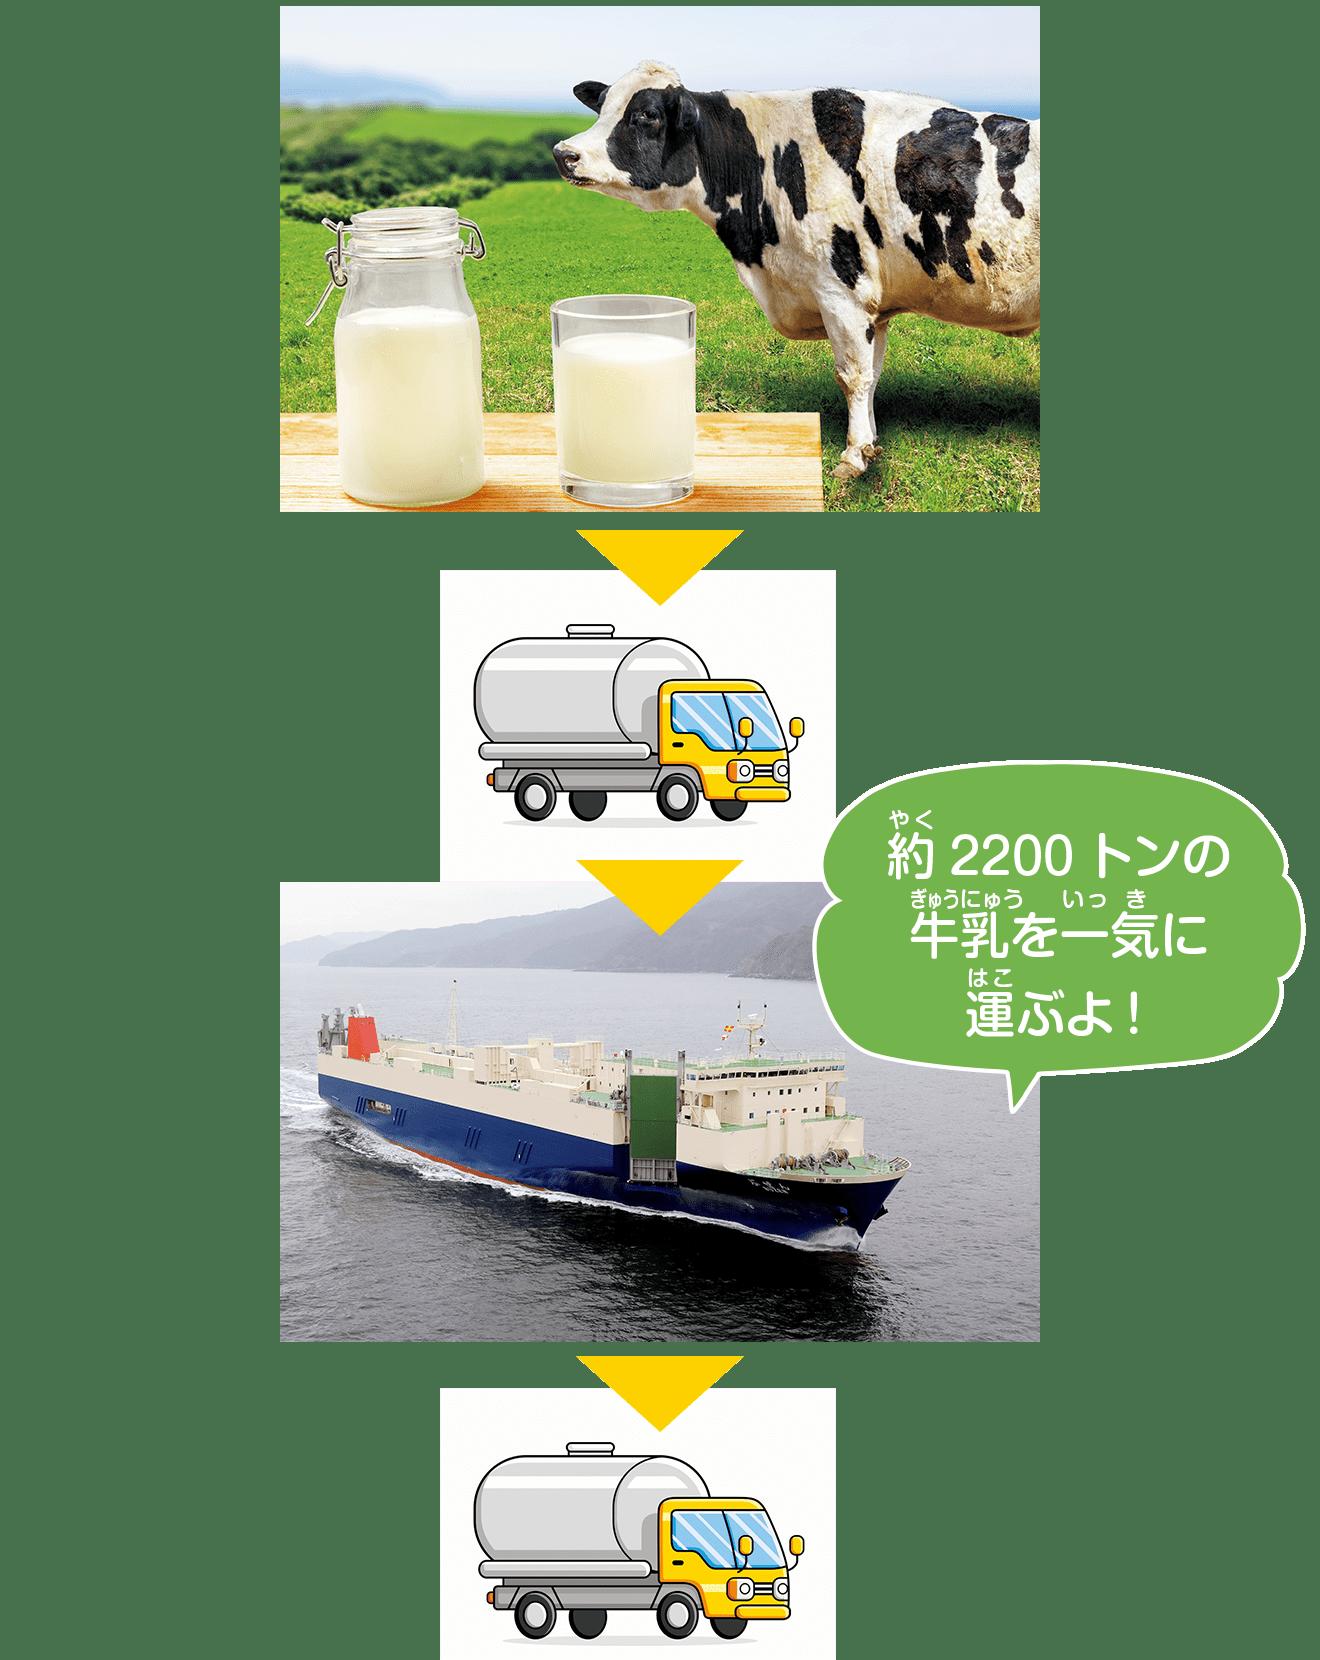 約2200トンの牛乳を一気に運ぶよ!